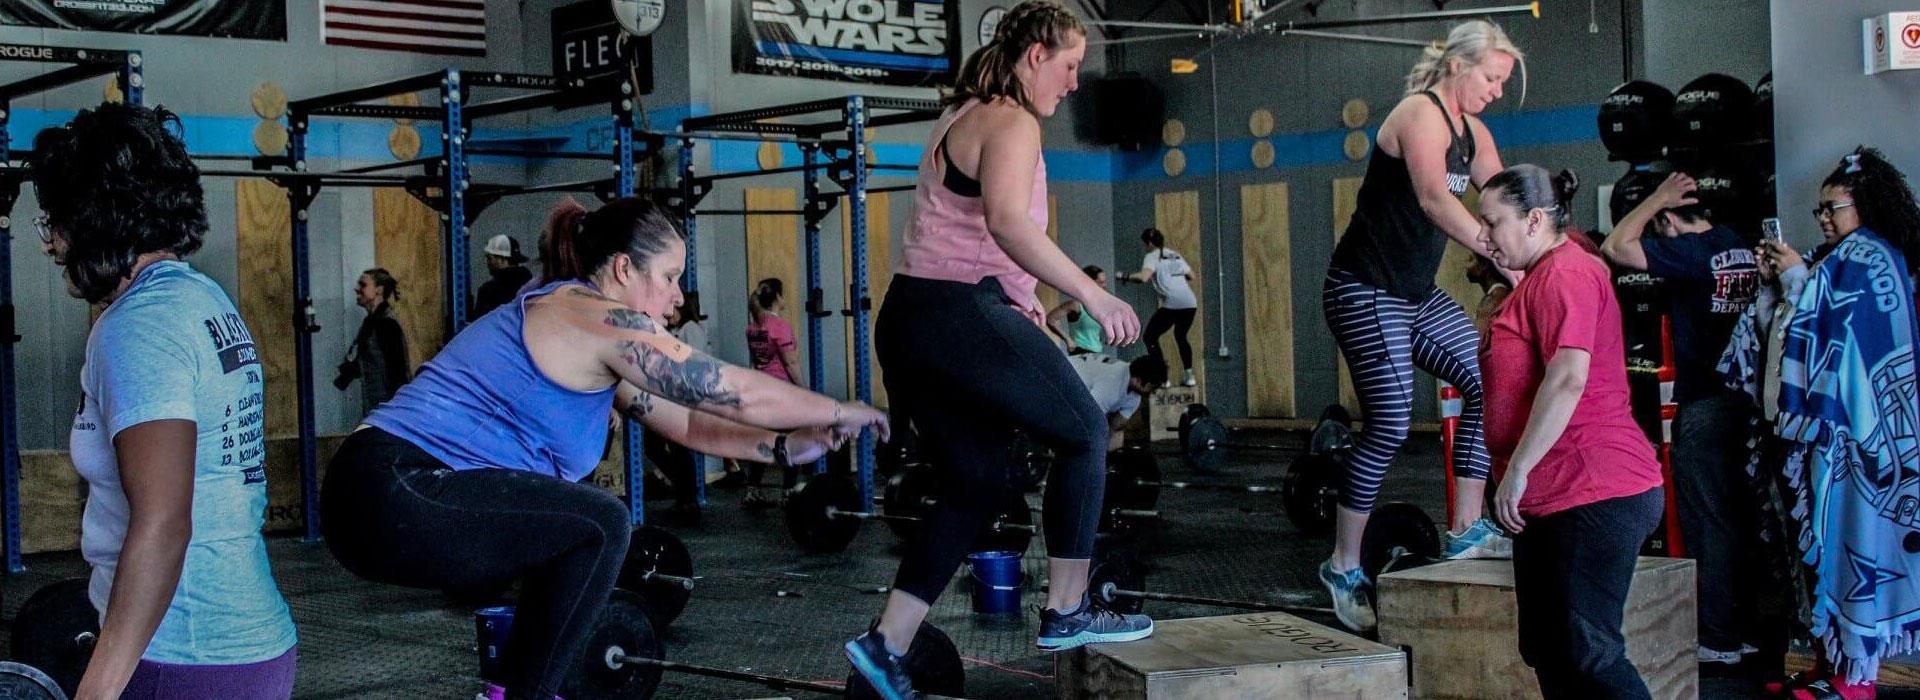 Gym in Burleson TX, Gym near South Fort Worth TX, Gym near Crowley TX, Gym near Joshua TX, Gym near Mansfield TX